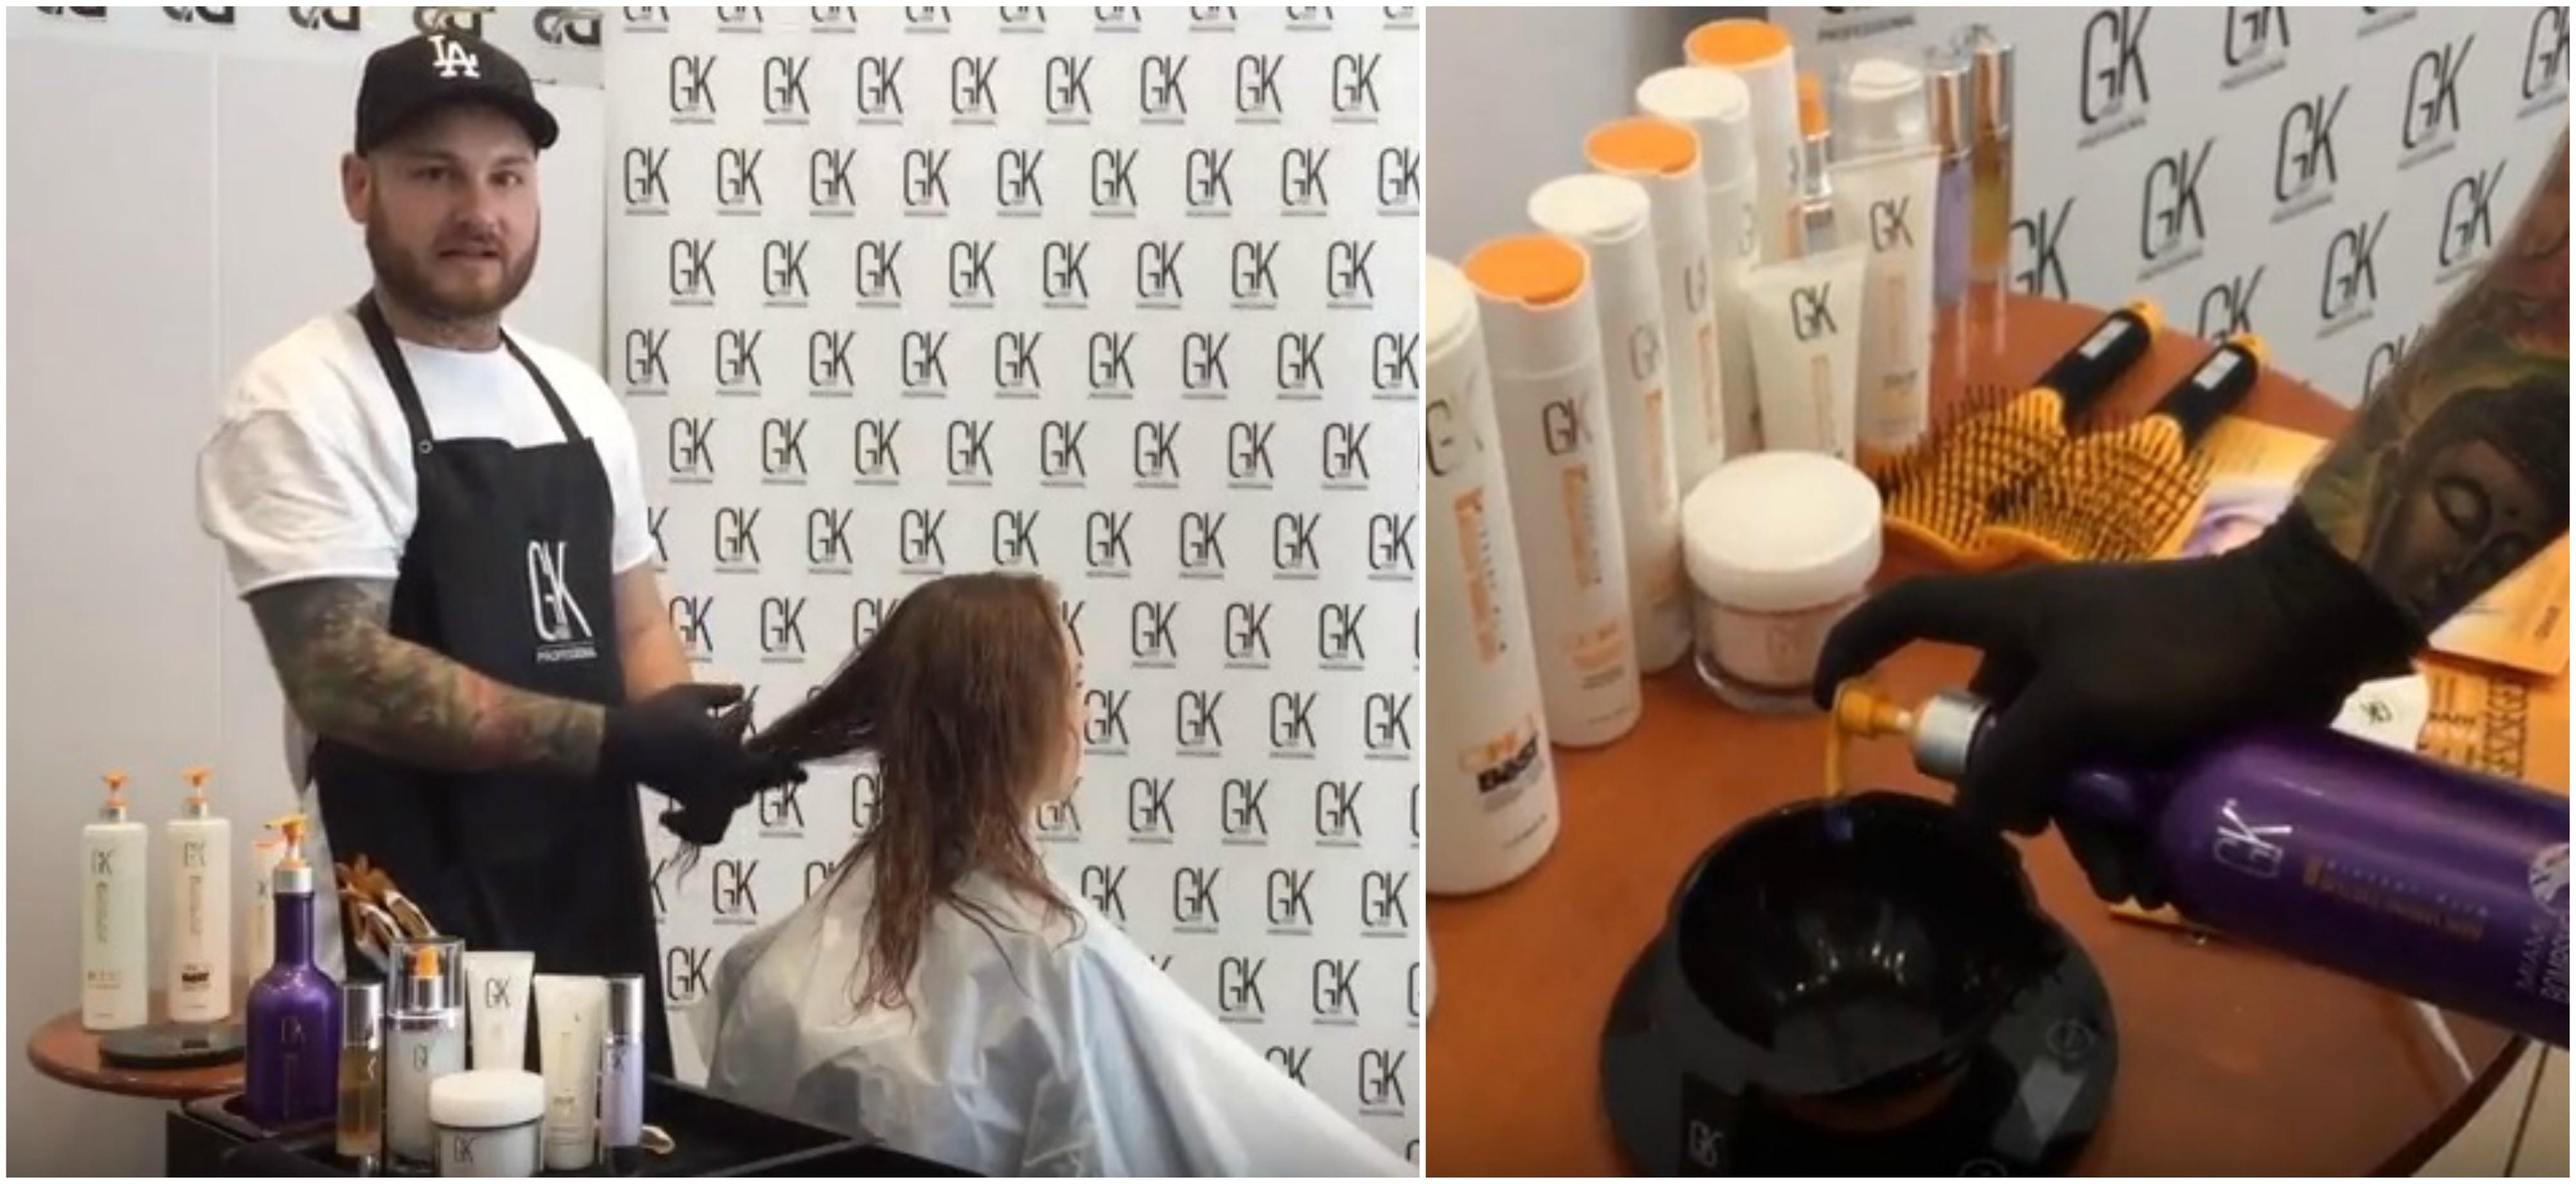 A GKhair THE BEST Juvexines keratin hajfeltöltés minden makacs, nehezen kezelhető hajra megoldás, mely ragyogóvá és bársonyosan puhává varázsolja az igénybevett hajat.<br /> <br /> Videónkban Pulya Misi bemutatásában láthatod a Juvexines keratin hajfeltöltés lépéseit, melyet a fodrász be is mutat és szemtanúja lehetsz a hajfeltöltés ámulatba ejtő eredményének.